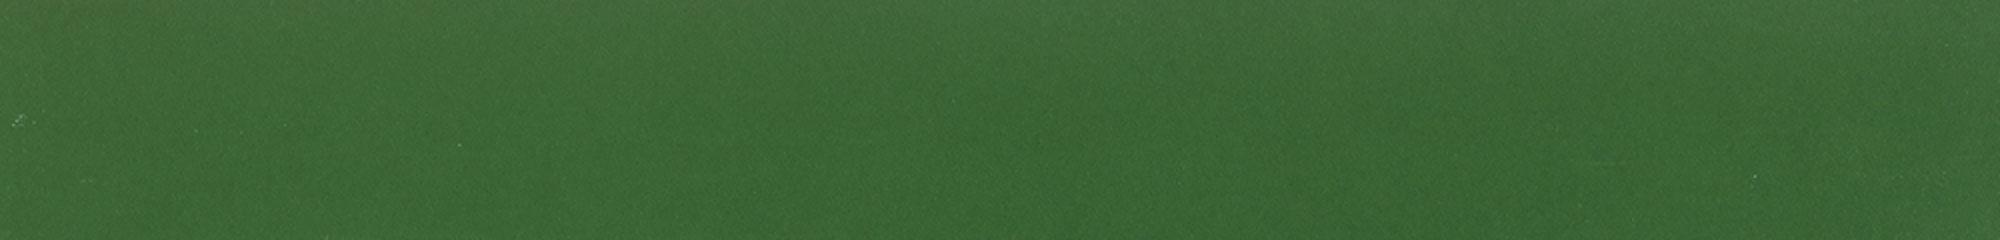 Smeraldo 2